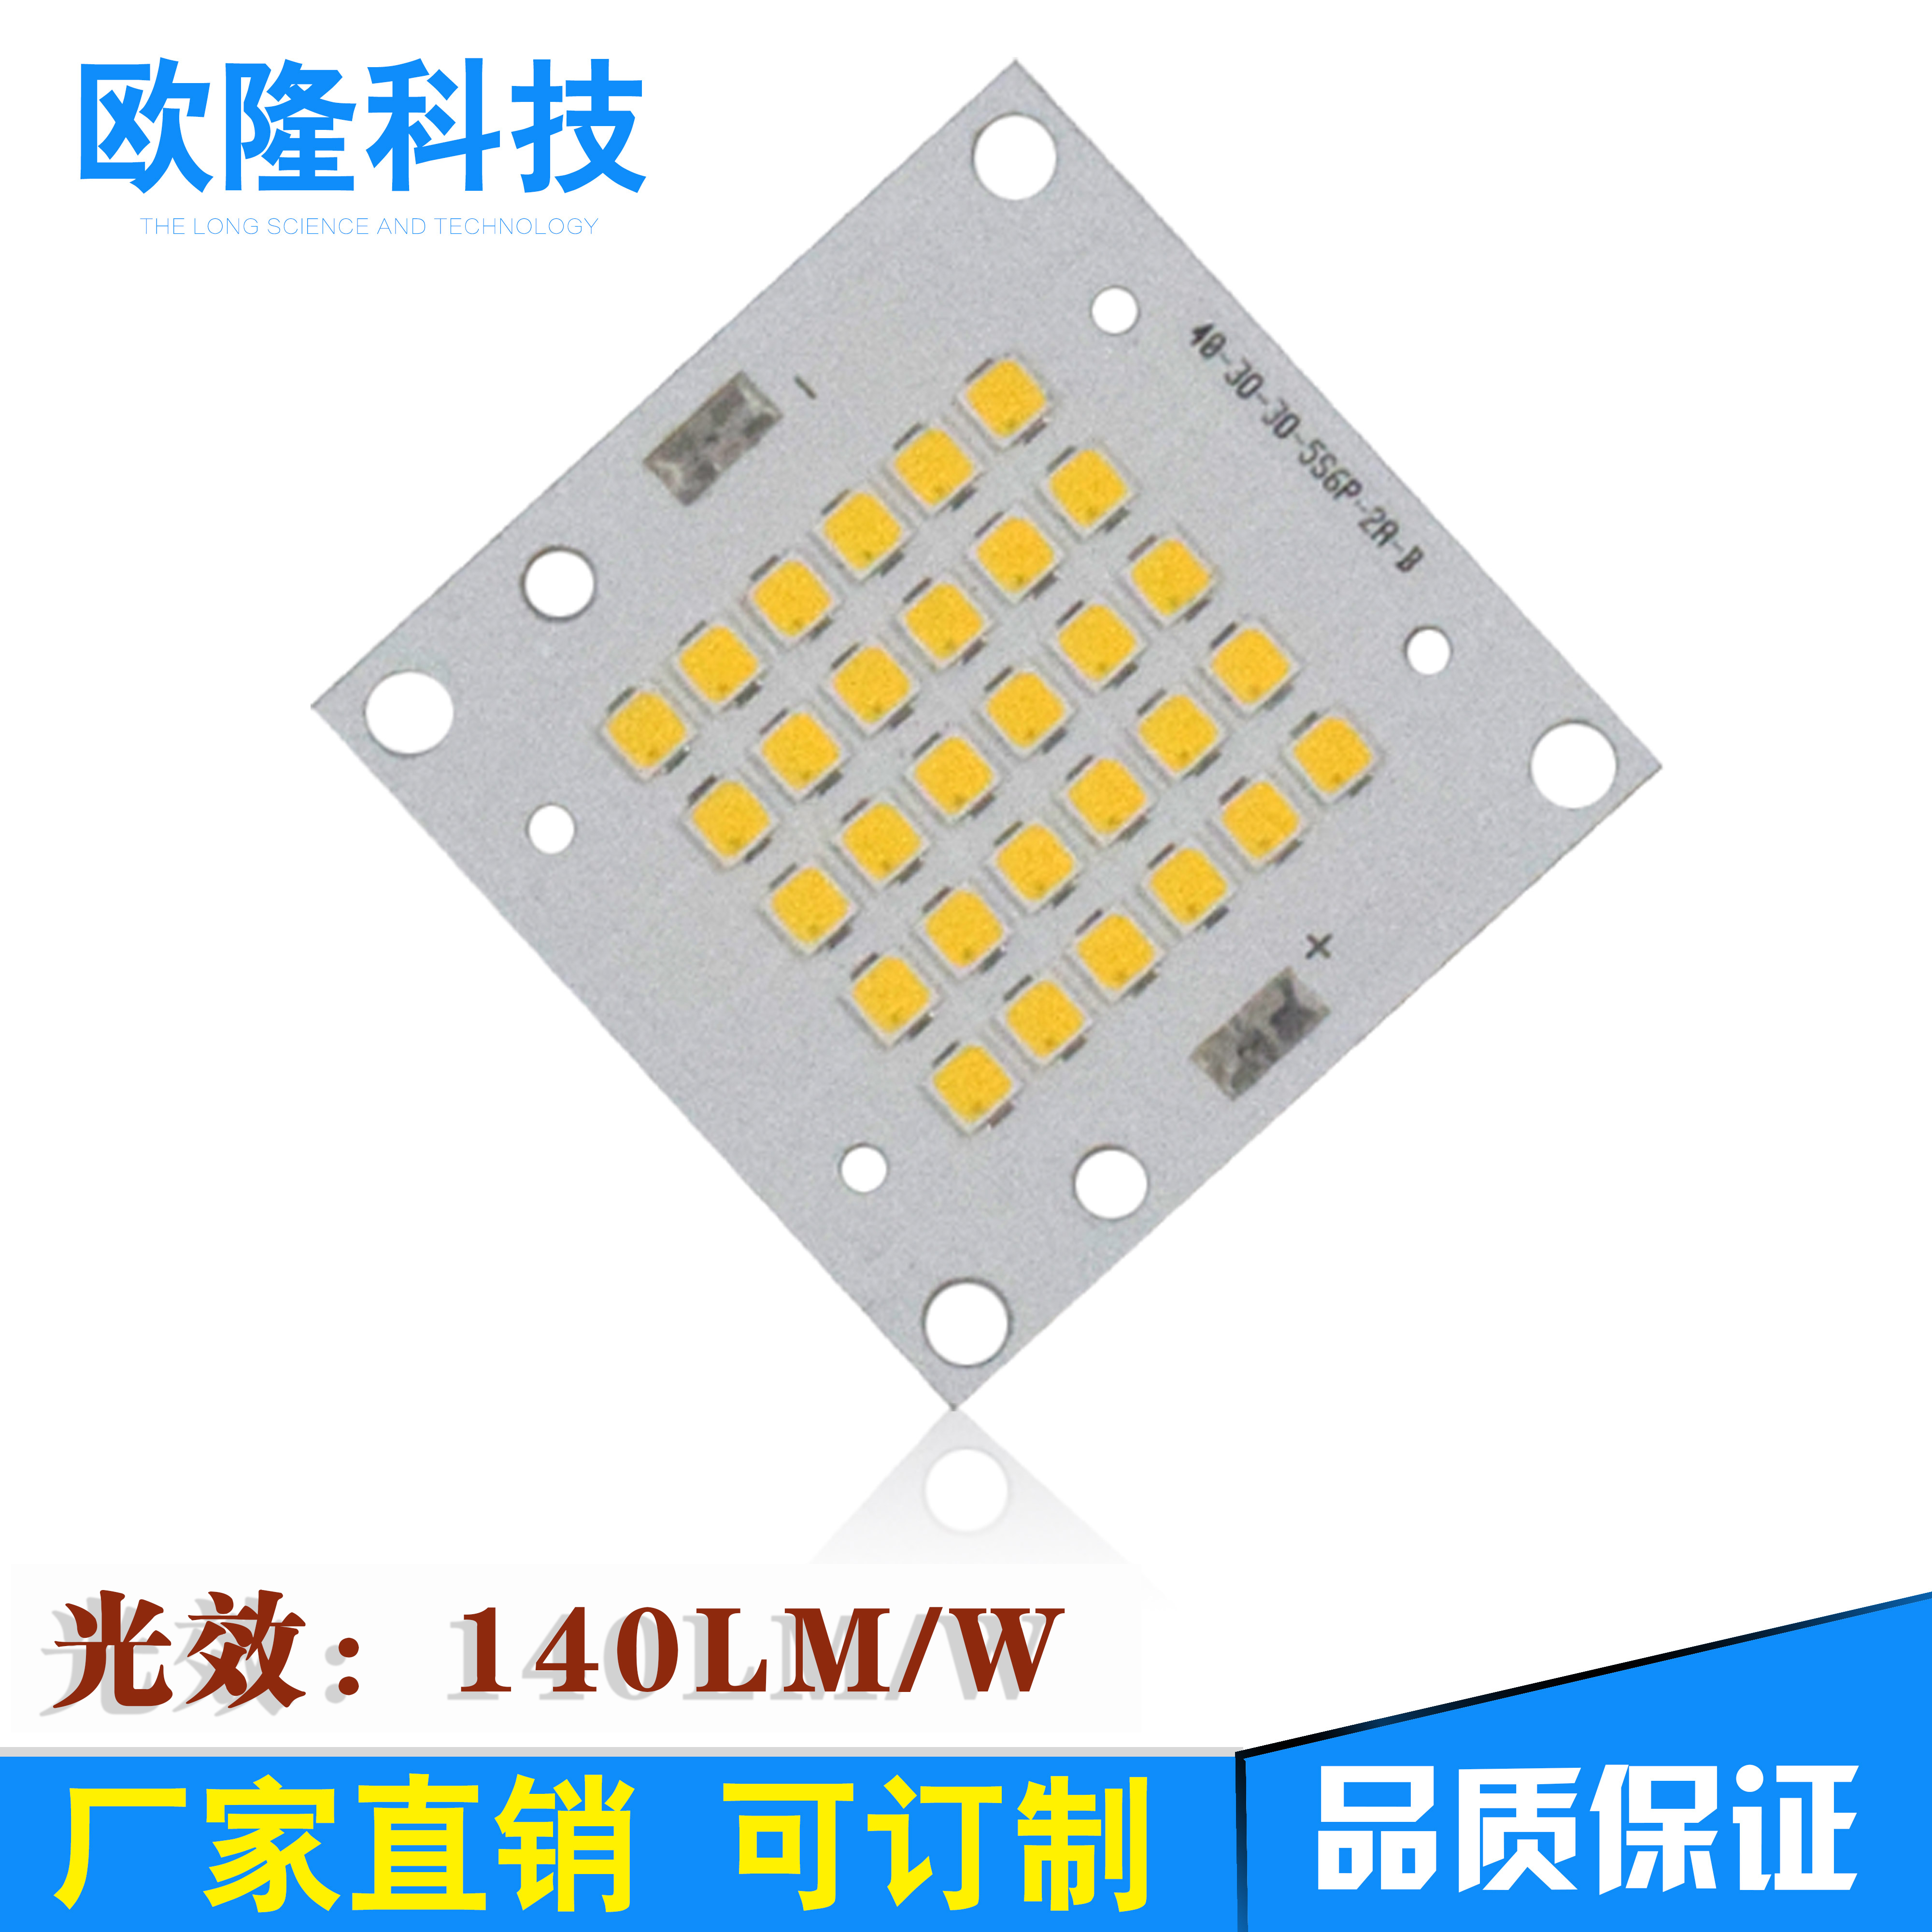 厂家直销3030集成模组光源 led光源灯板